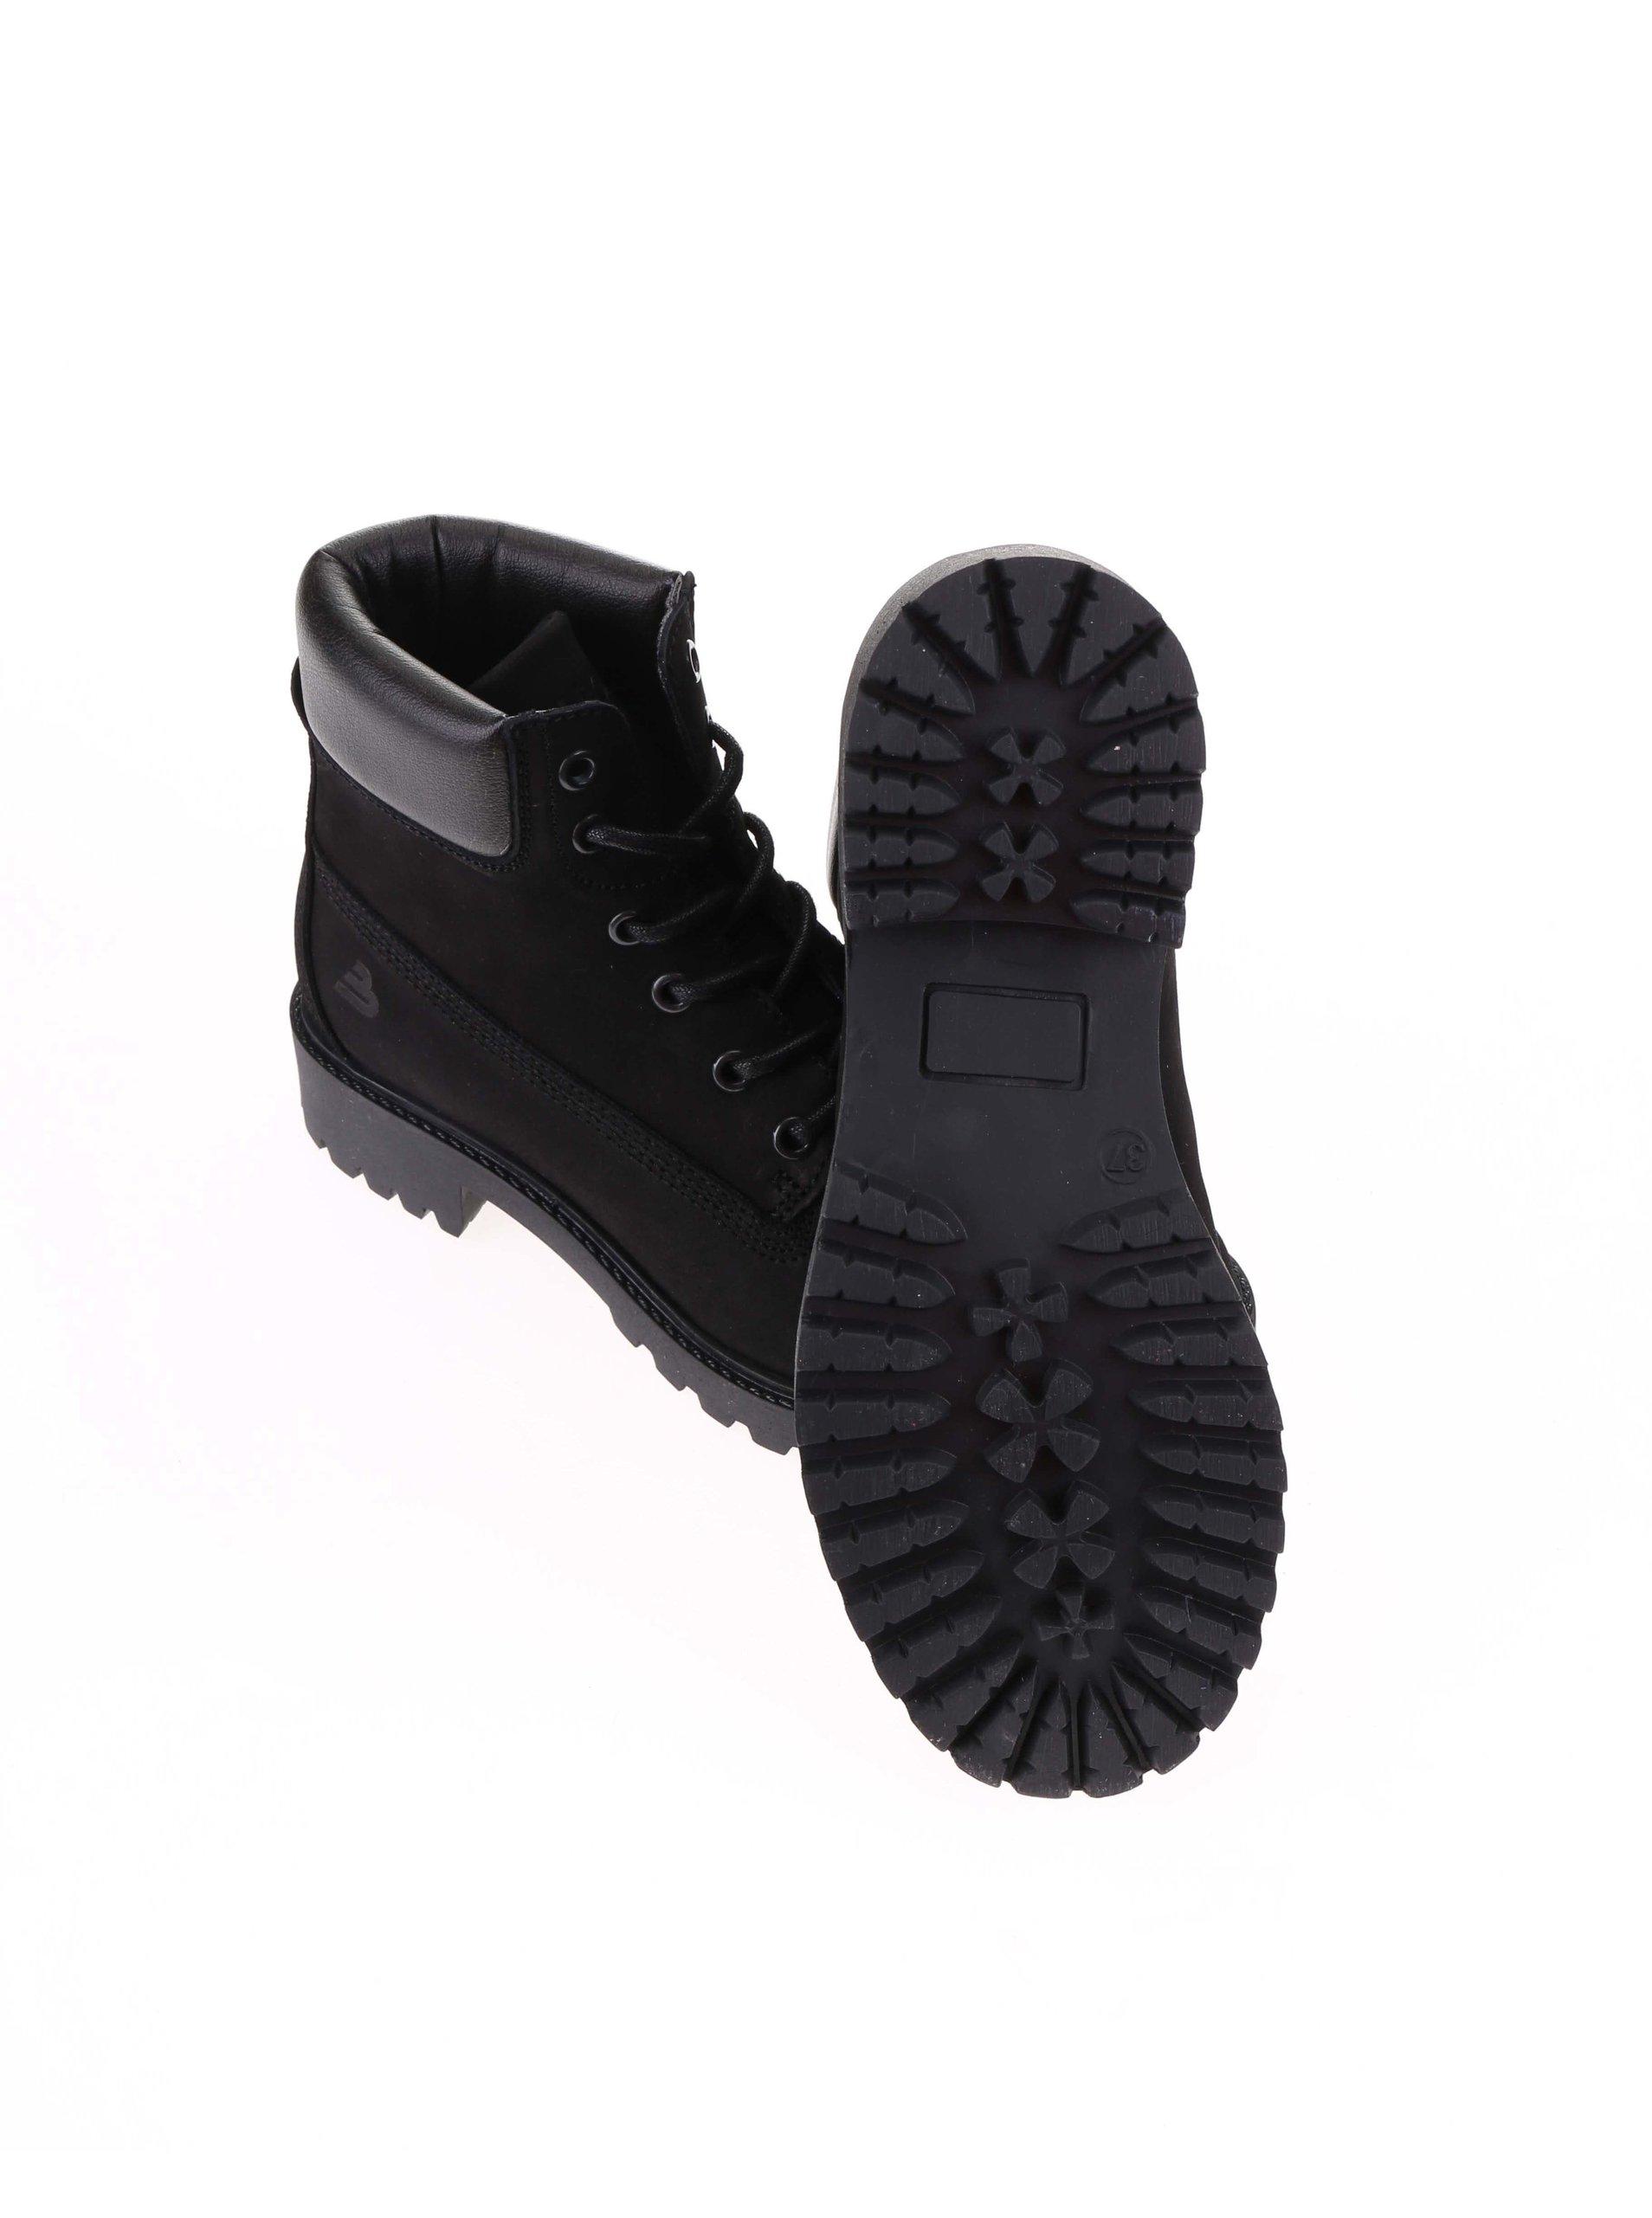 7354372ac06e Čierne dámske kožené topánky na šnurovanie Bullboxer ...